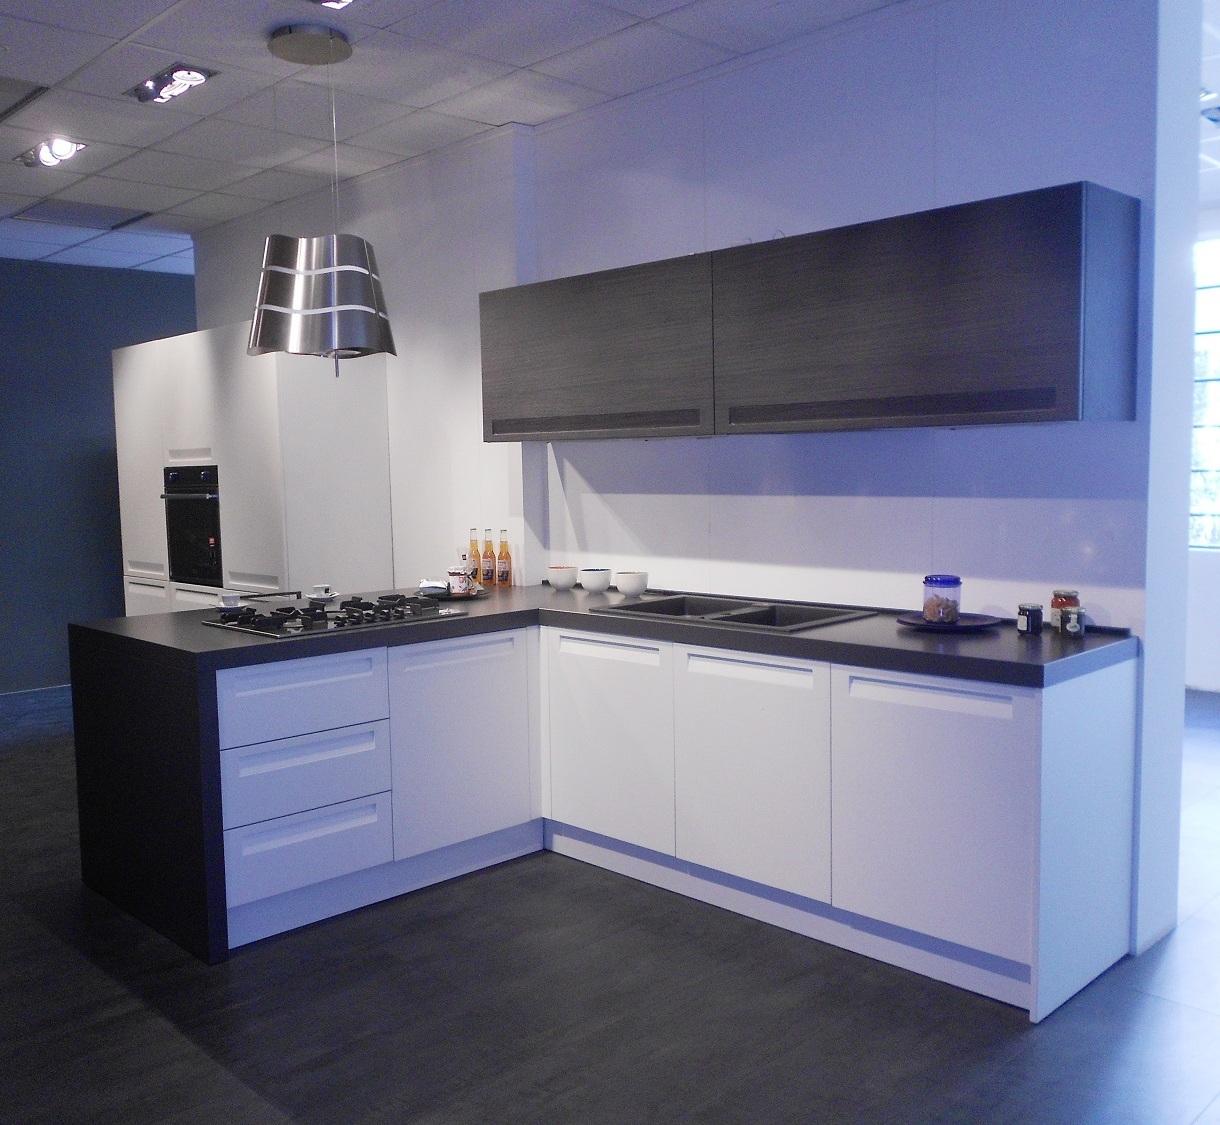 Cucina mod frida cesar cucine polimerico opaco scontata - Cucina bianco opaco ...